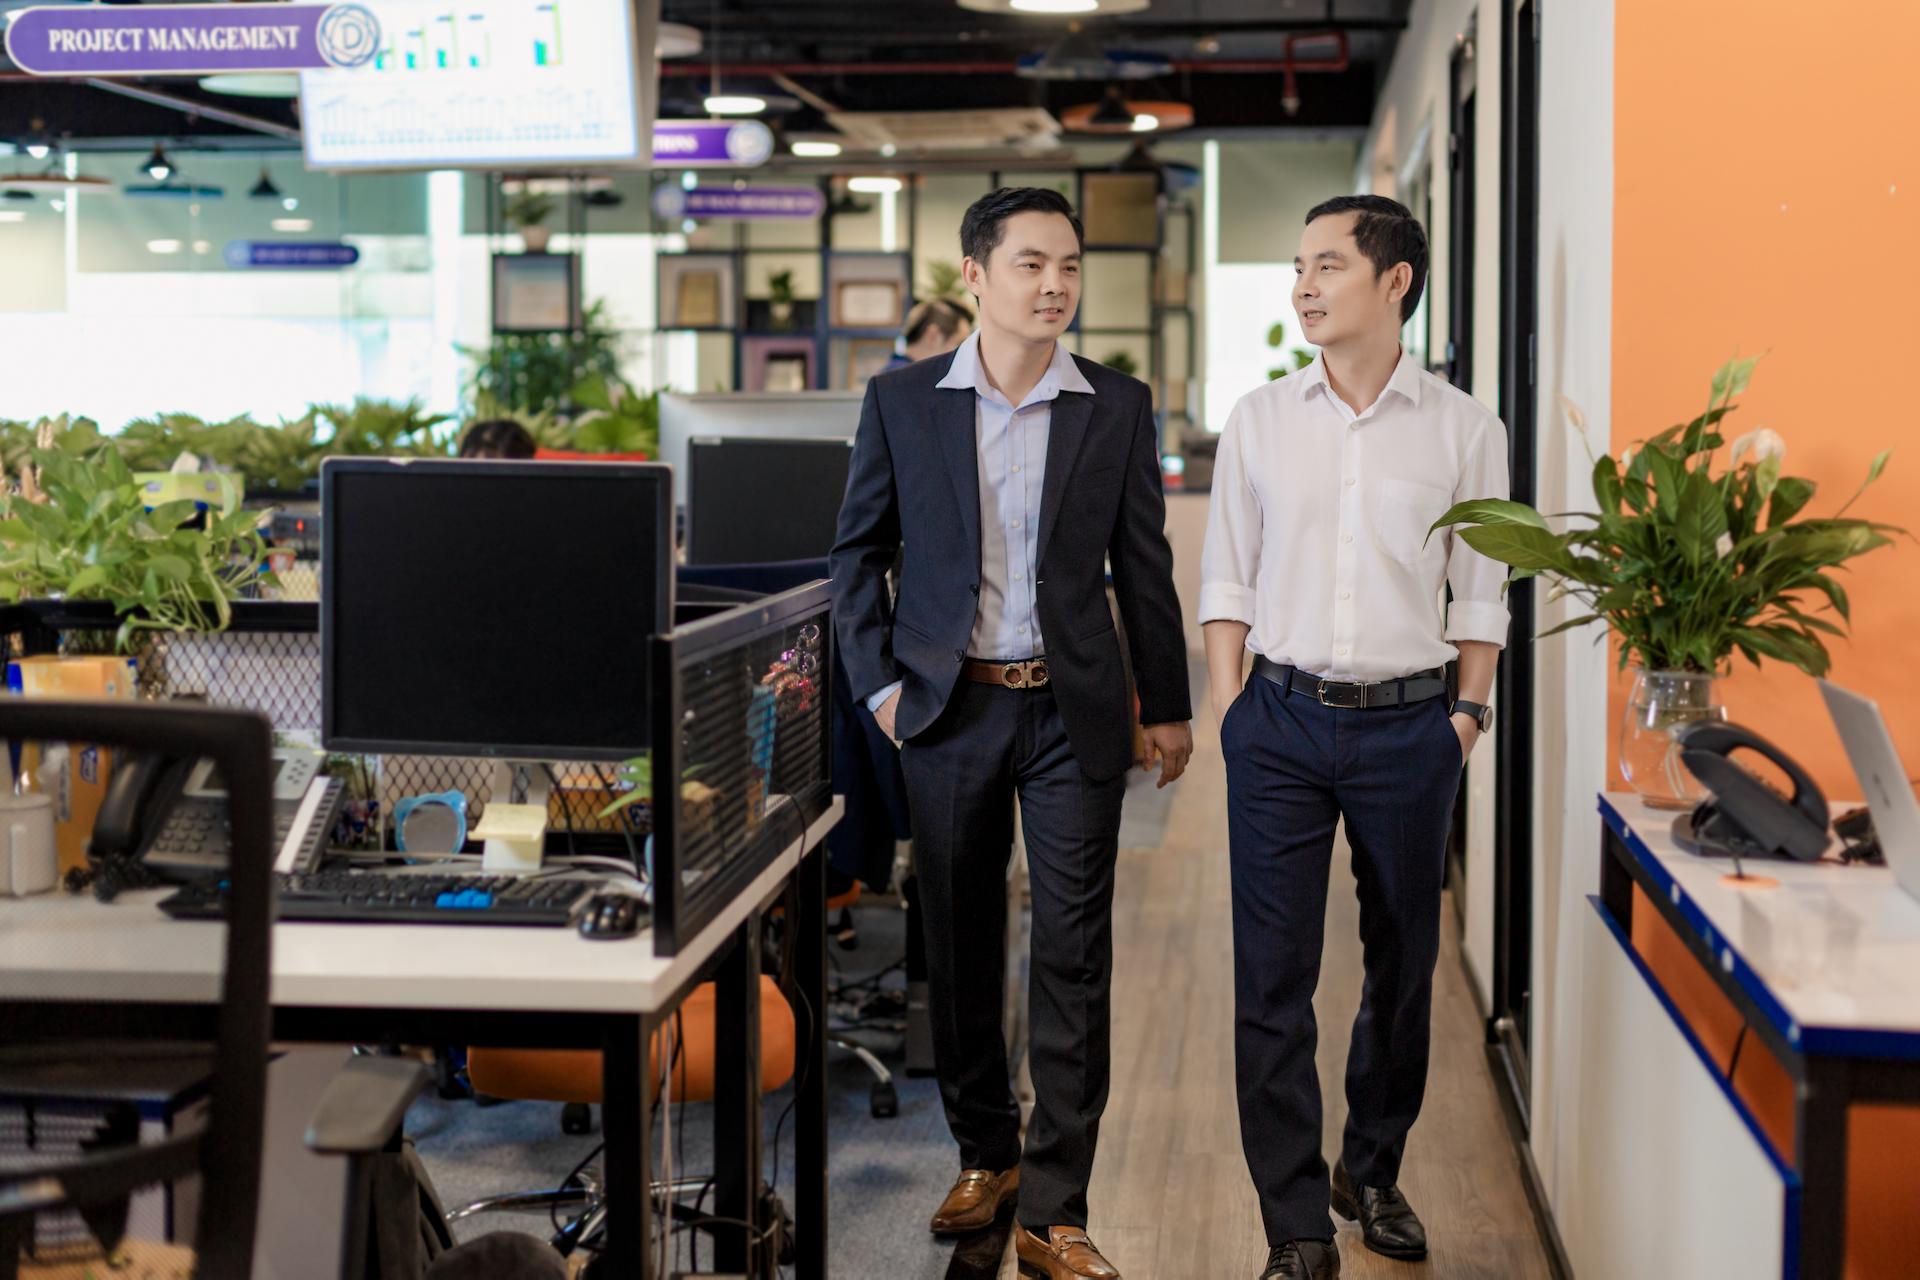 Do Ventures cùng quỹ Nhật Bản đầu tư vòng Pre-Series A trị giá 1,5 triệu USD vào giải pháp tài chính MFast - Ảnh 2.